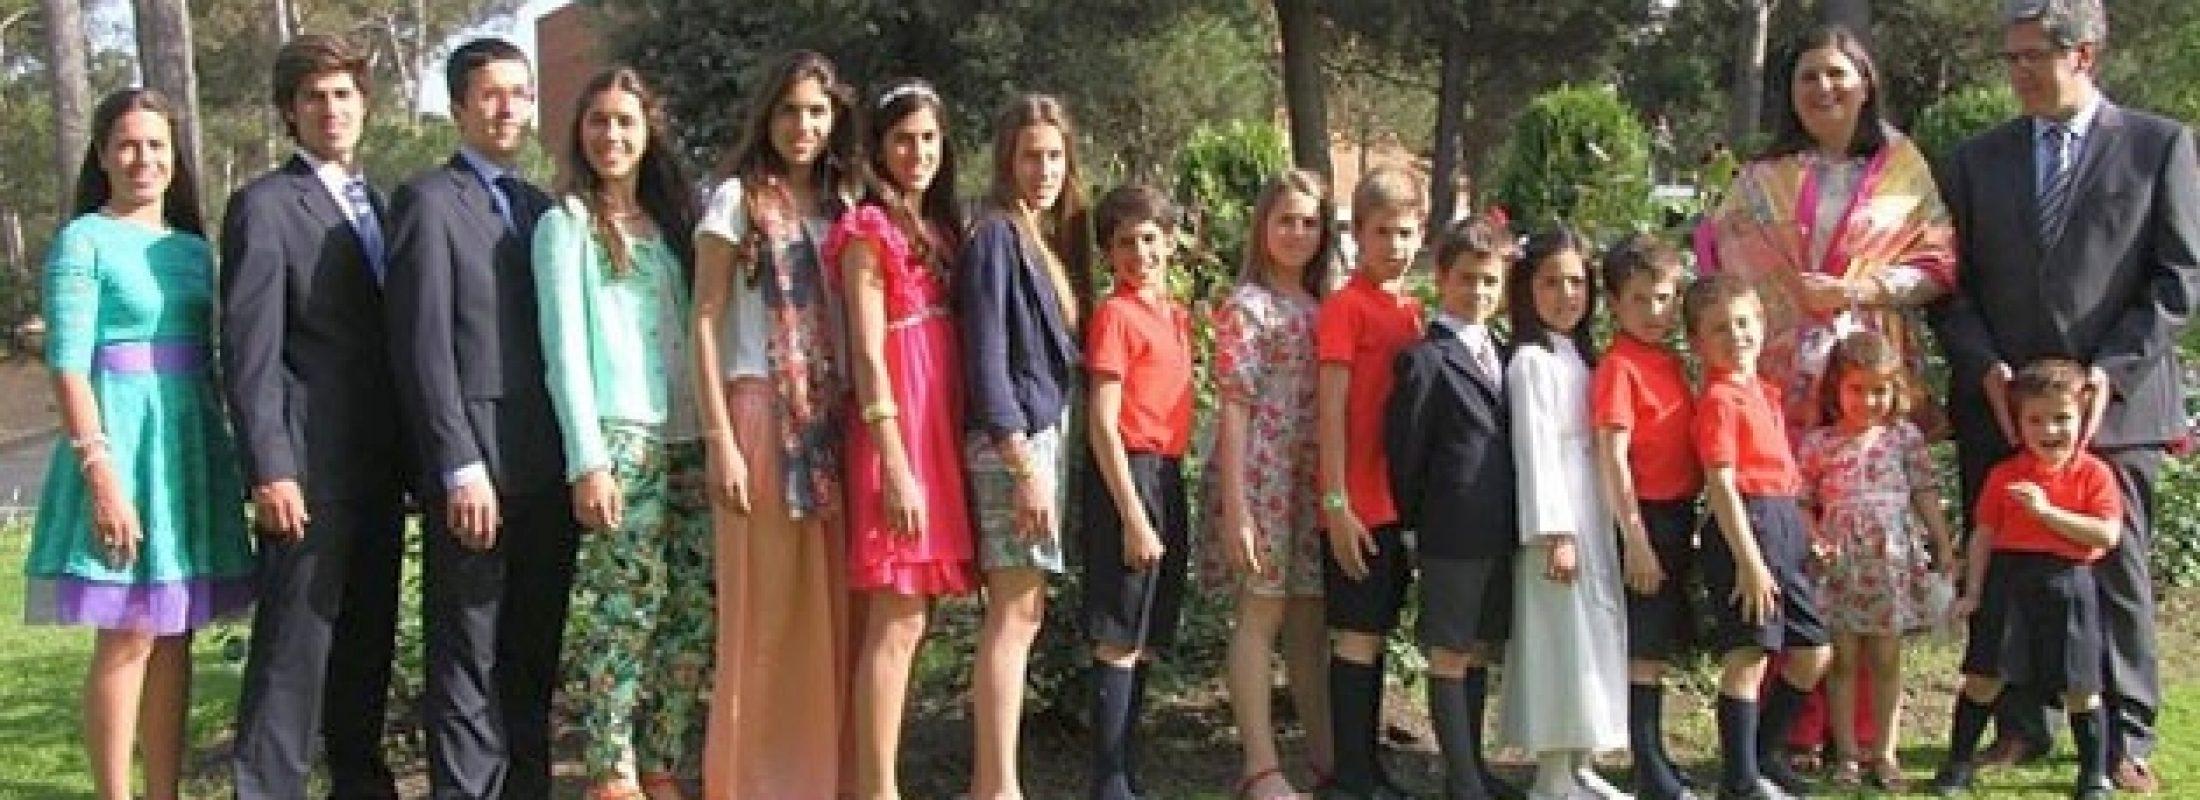 Rosario y devoción mariana viva: así salió adelante Rosa Pich, madre de 18 hijos